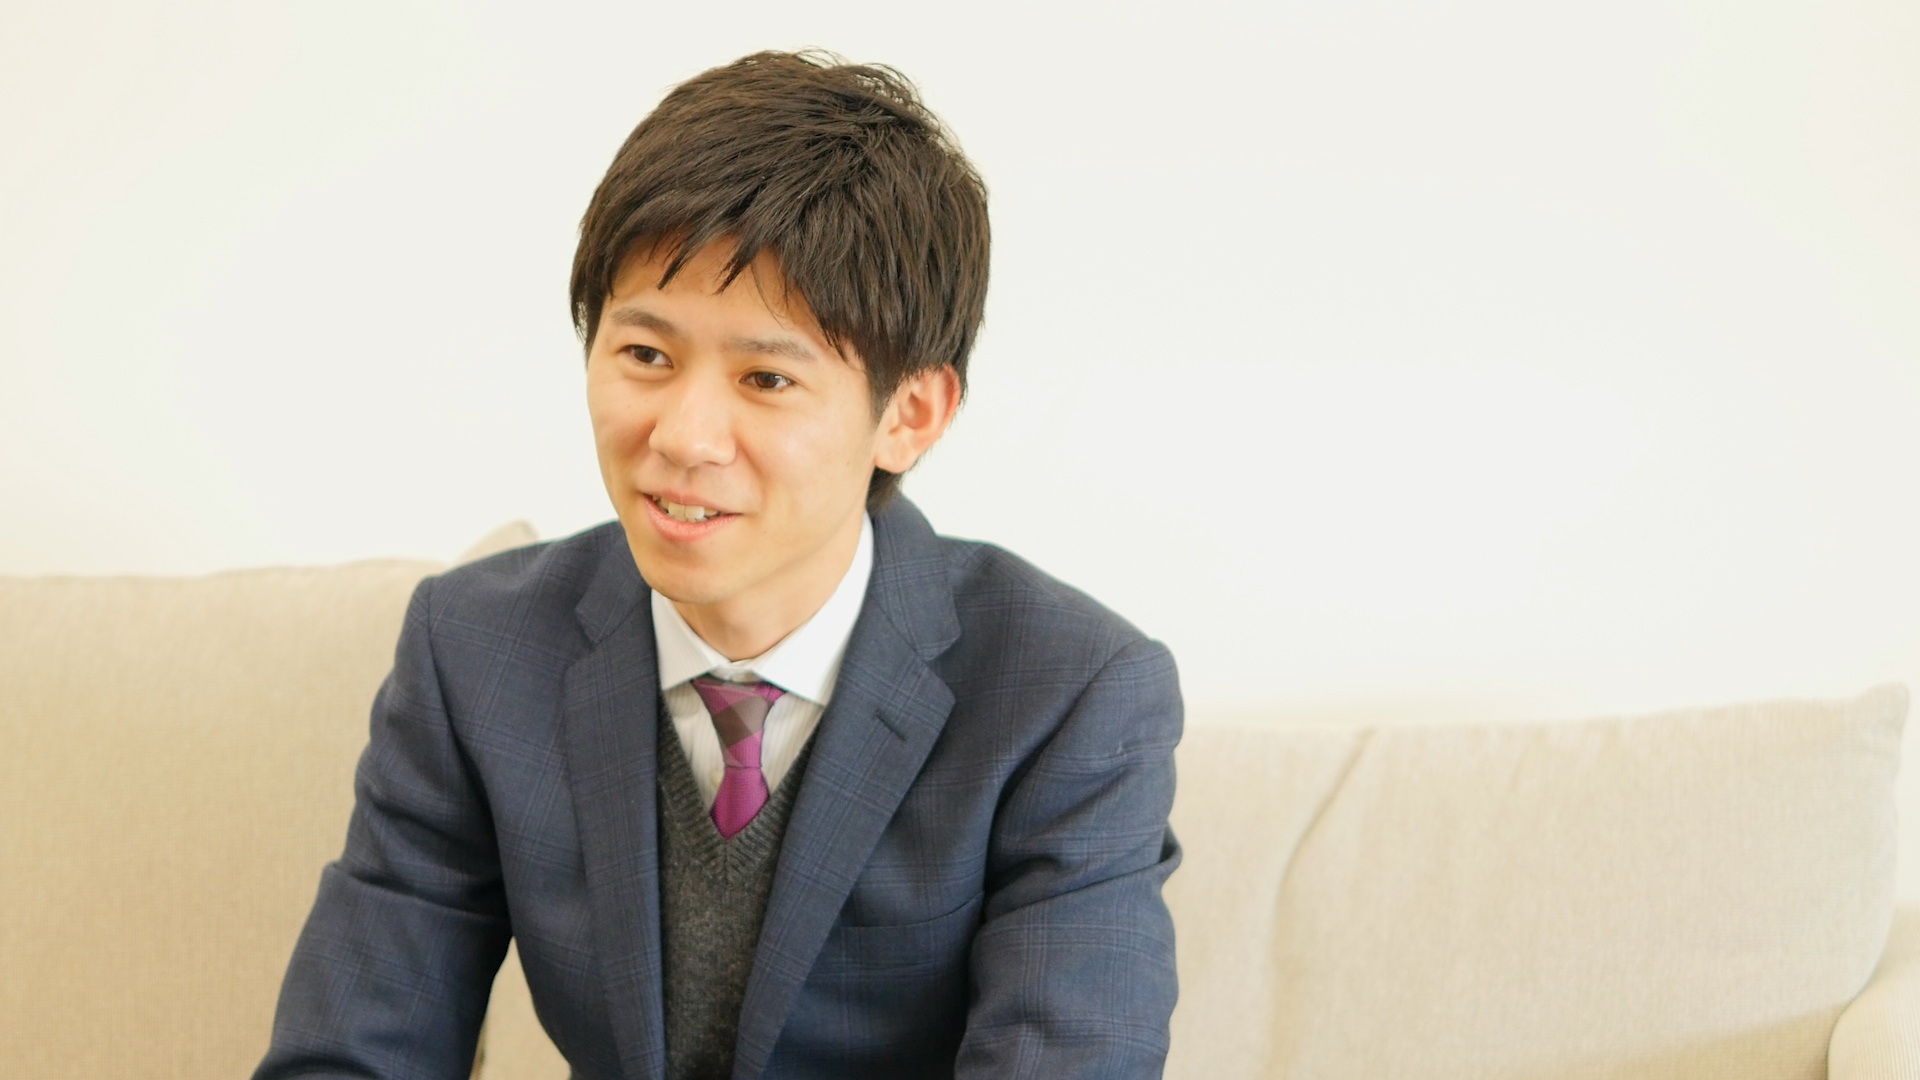 株式会社ランドトラスト ランドマスターグループ マネージャー 長野萌生様